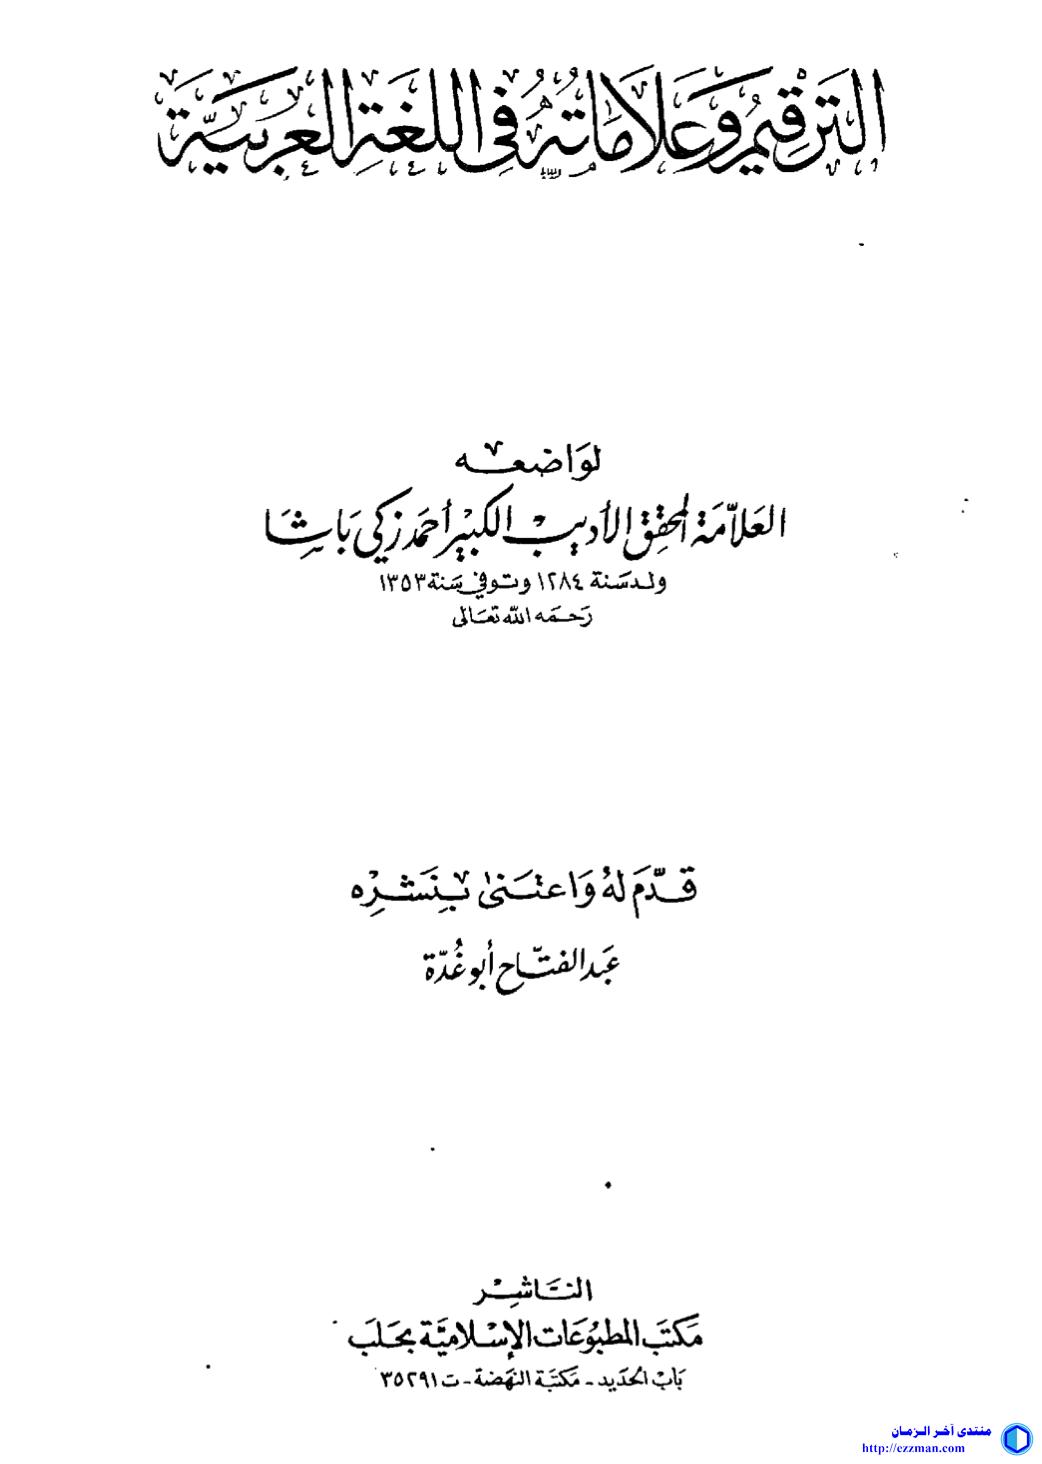 الترقيم وعلاماته اللغة العربية